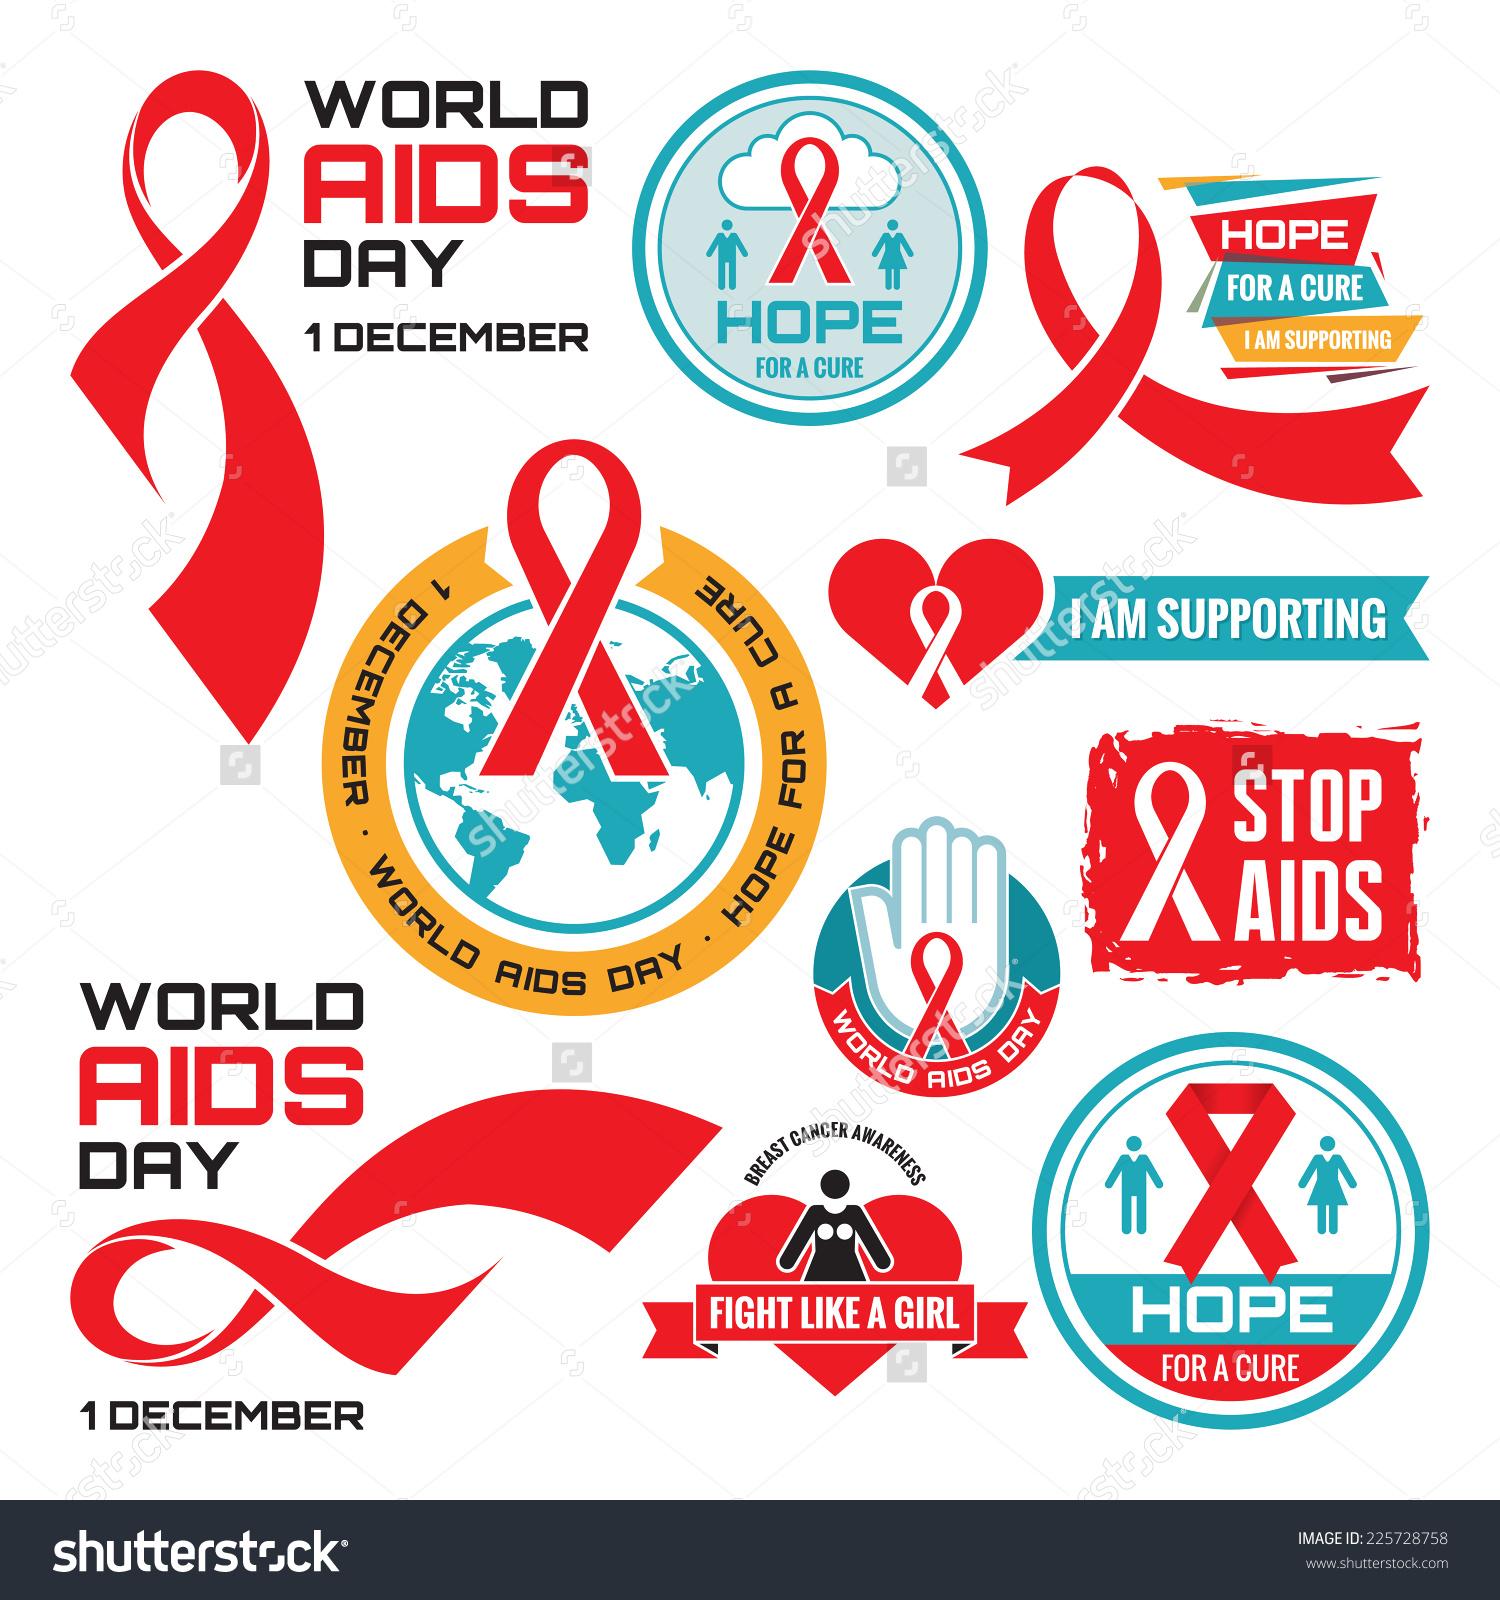 HIV AIDS Stop Sign Clip Art.